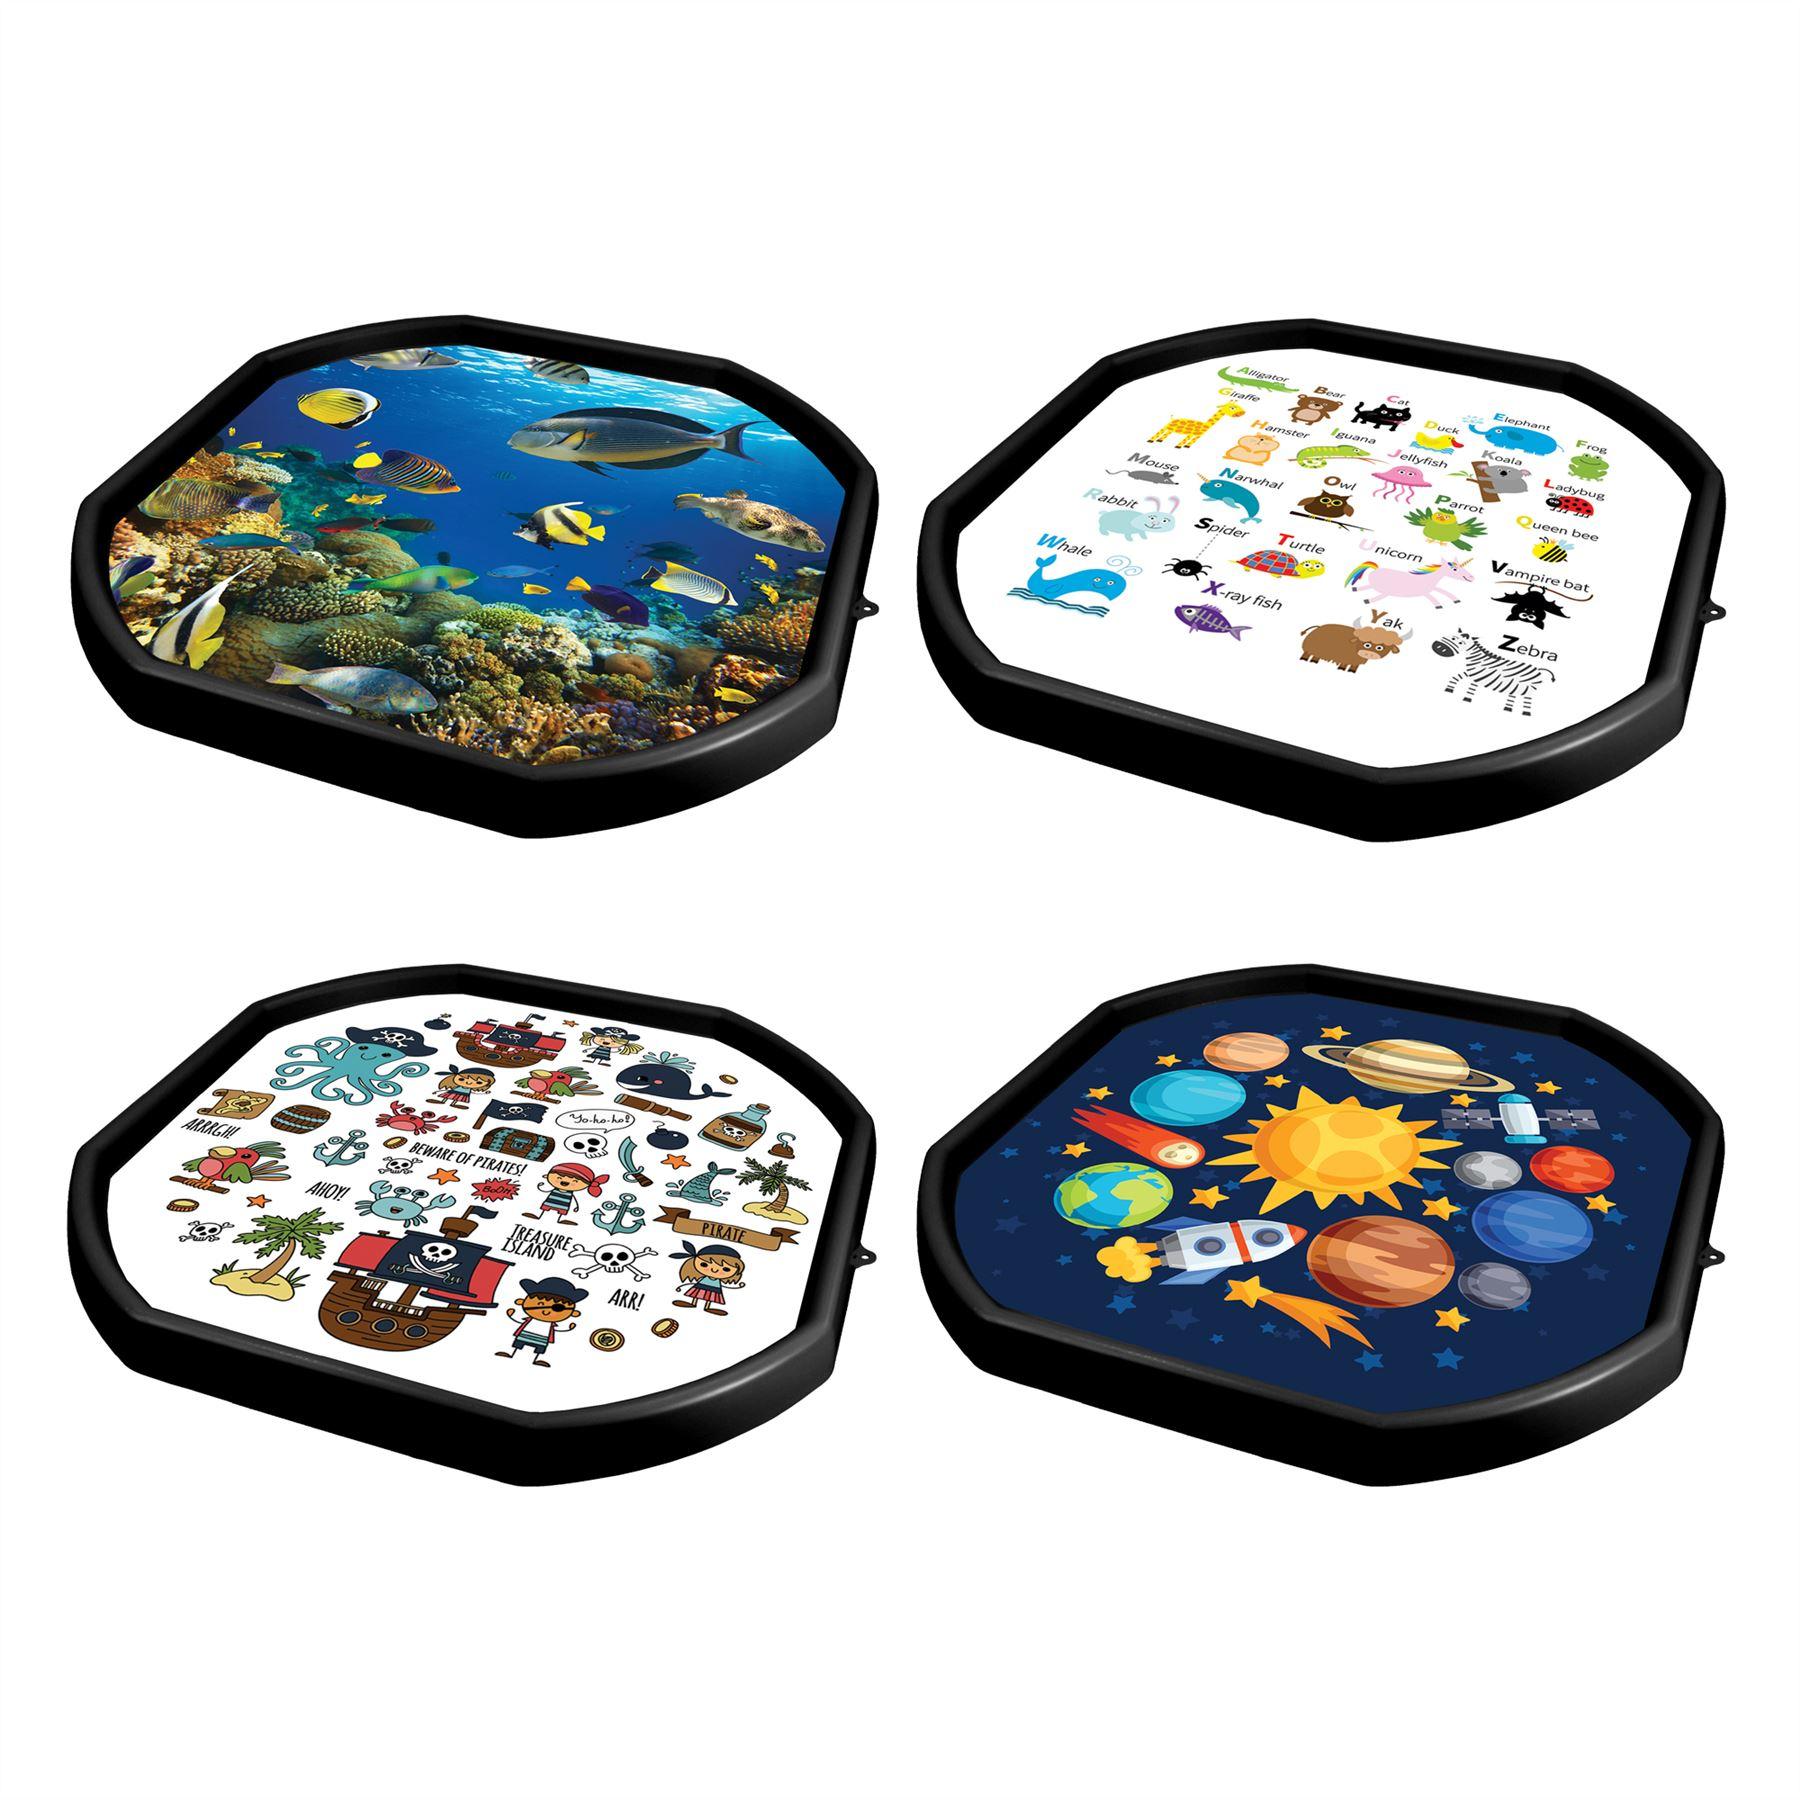 Tuff Spot Play Tray Mat Waterproof Educational Amp Creative